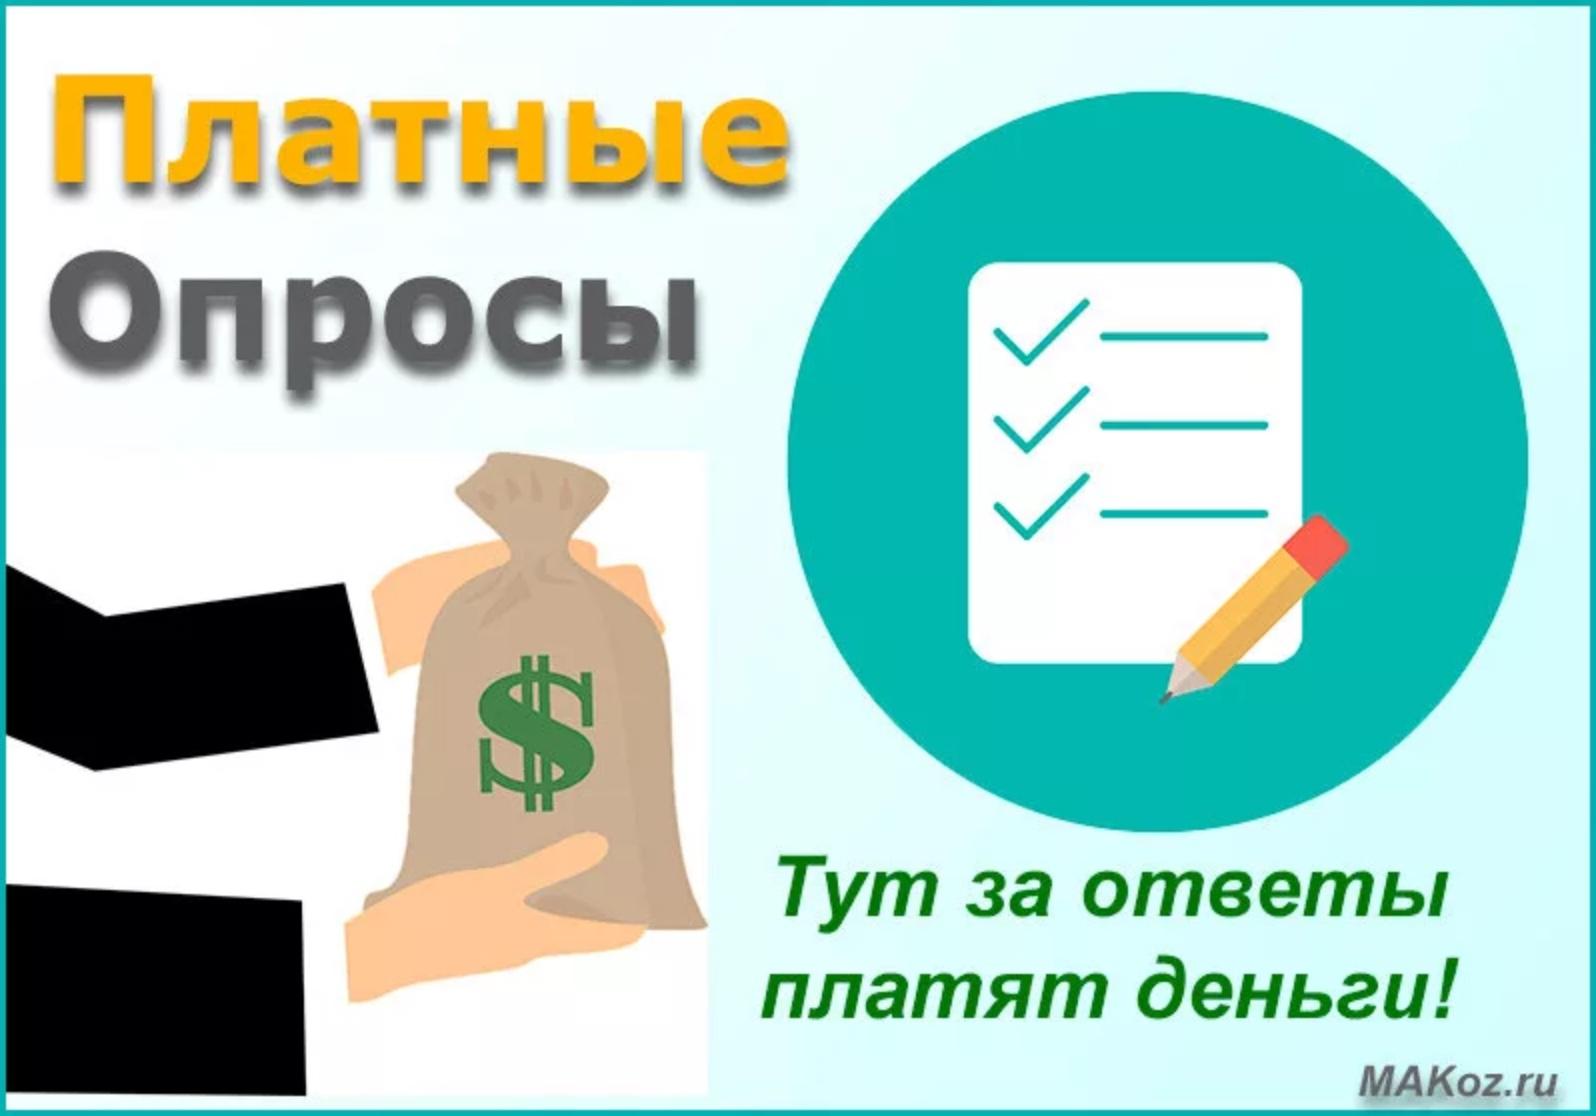 Сбербанк предупреждает россиян о популярных мошеннических схемах: беспроигрышные лотереи и опросы